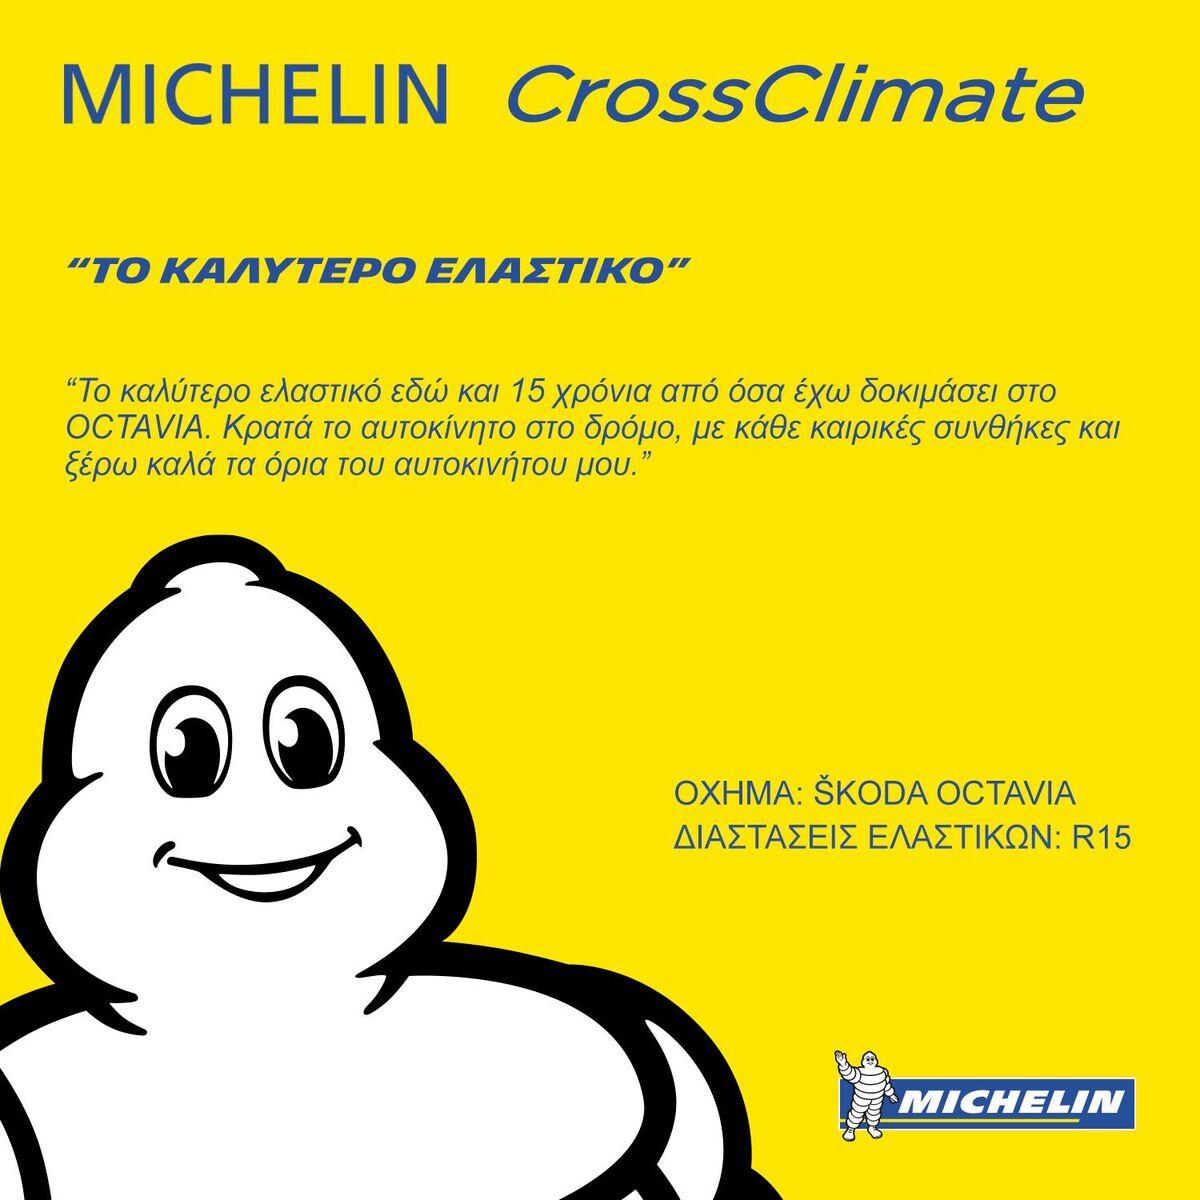 CROSSCLIMATE MICHELIN